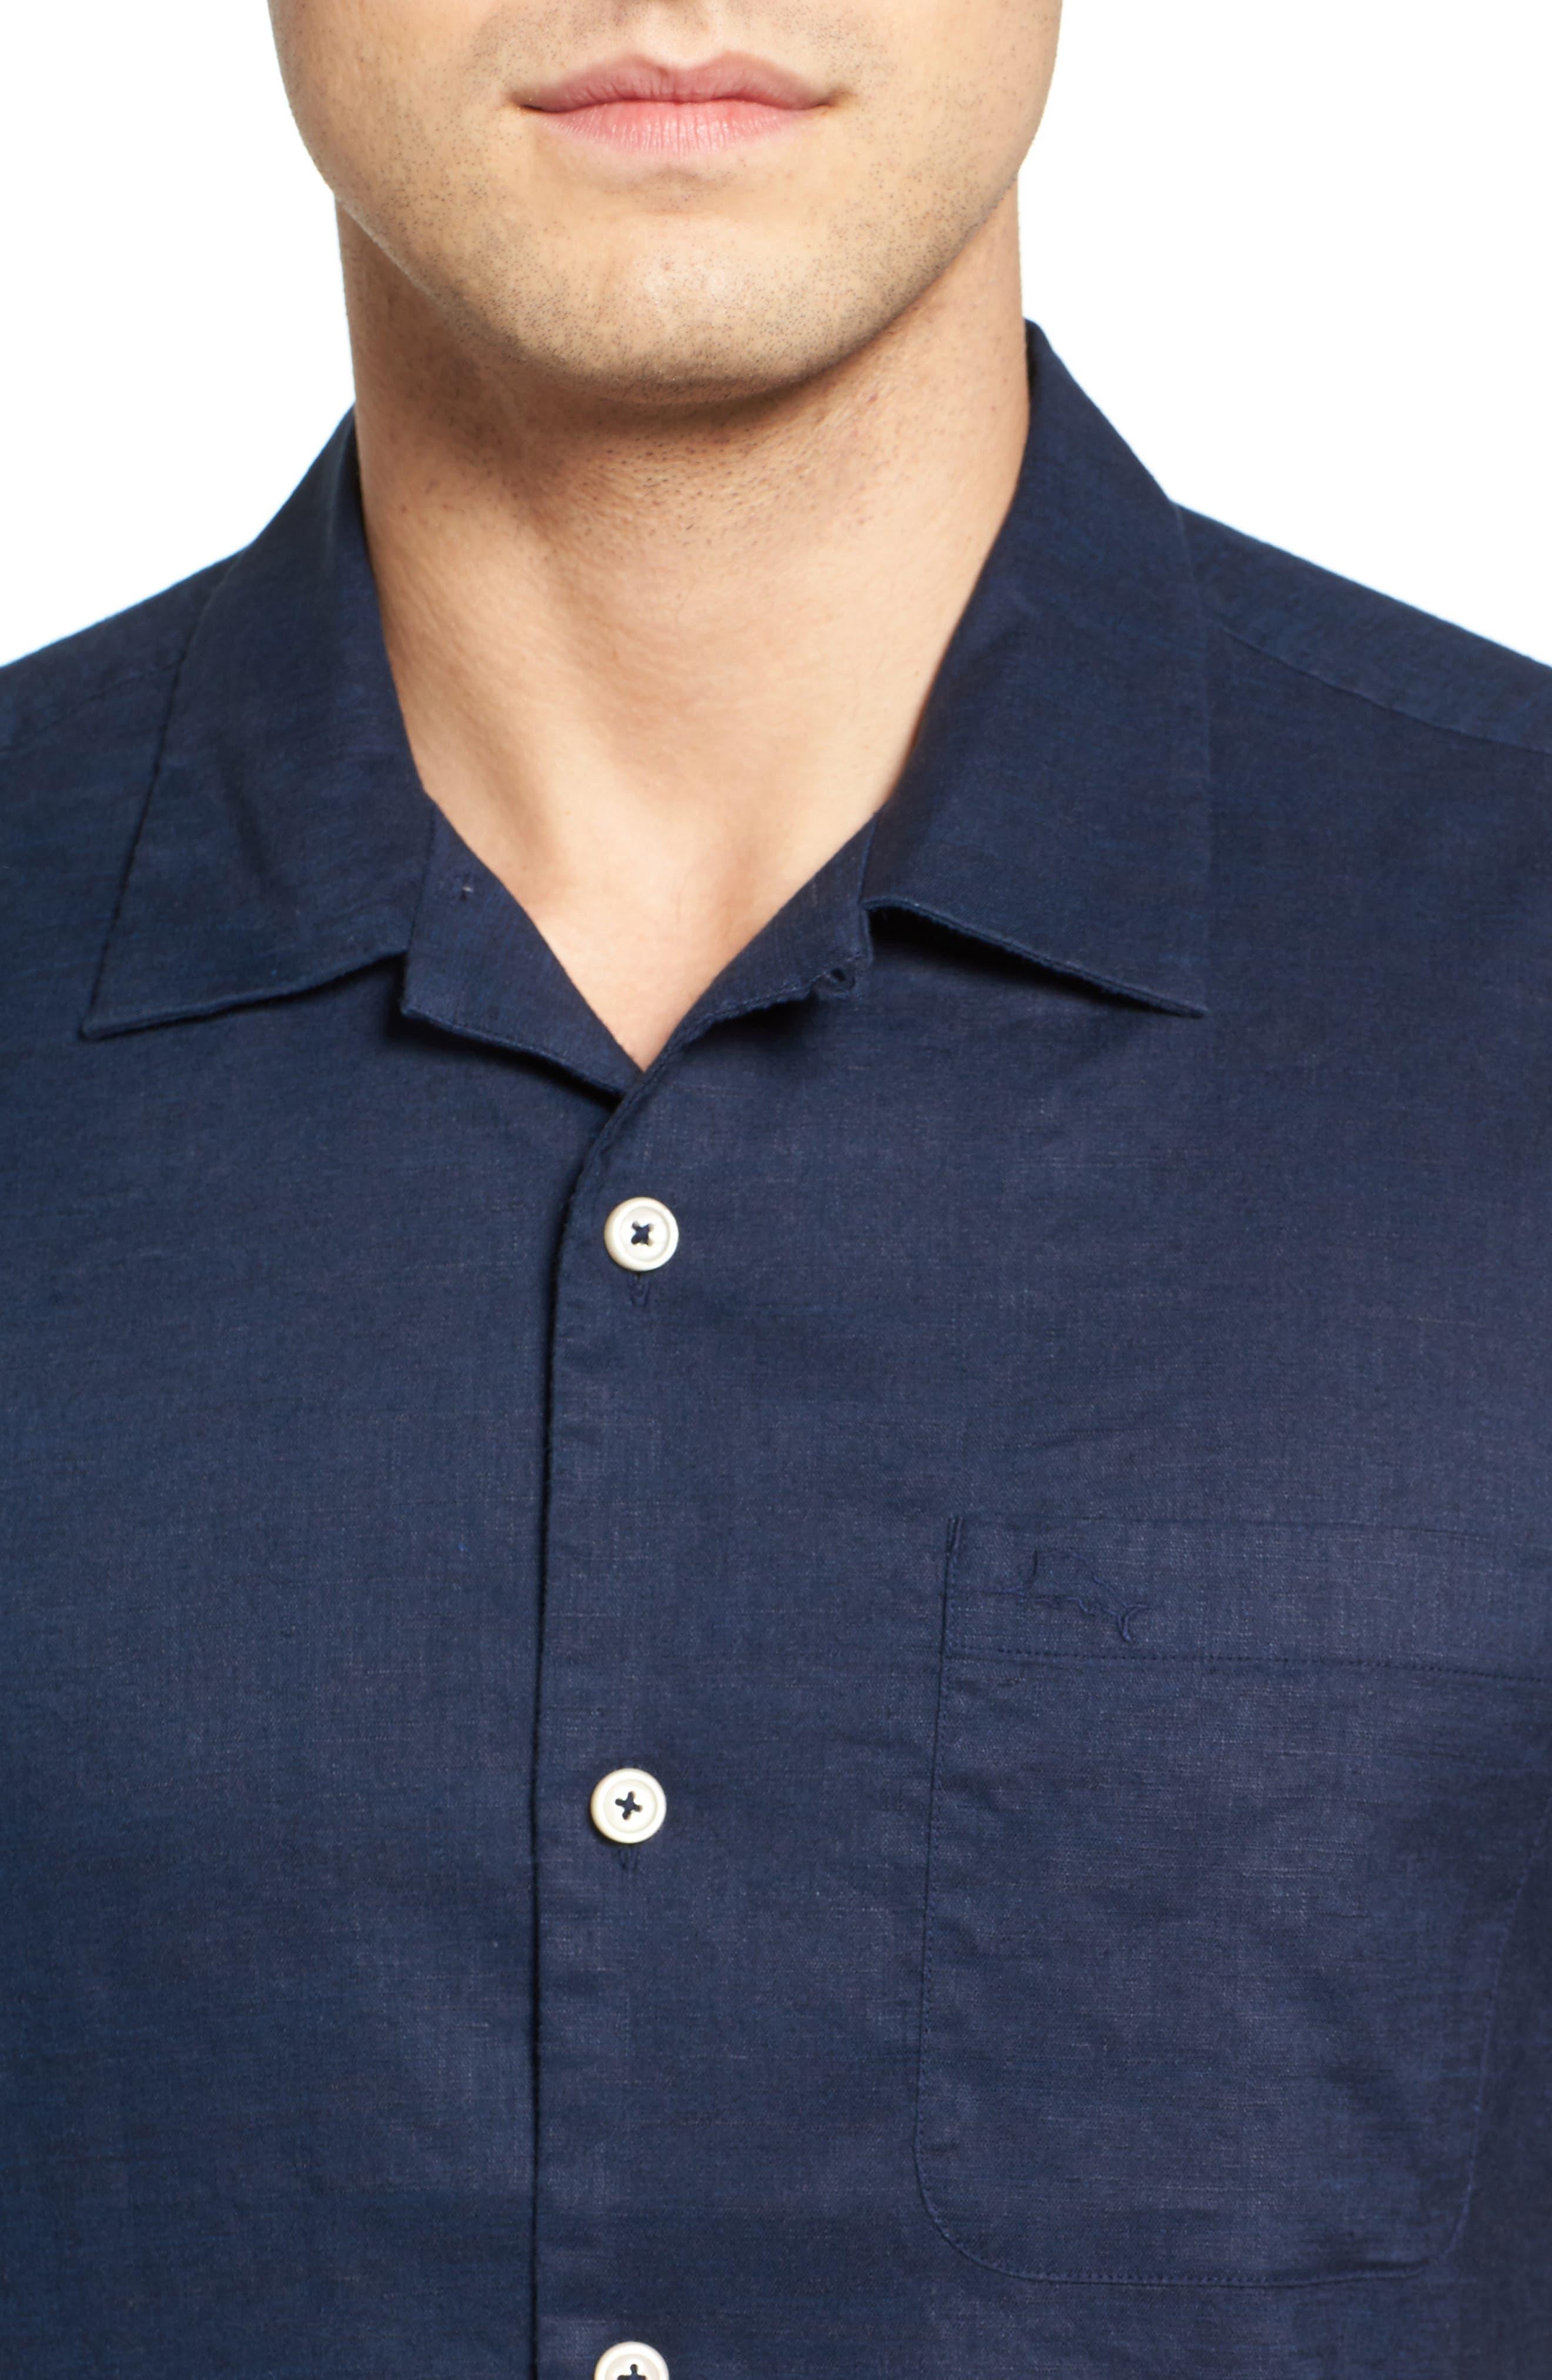 Monaco Tides Standard Fit Linen Blend Camp Shirt,                             Alternate thumbnail 23, color,